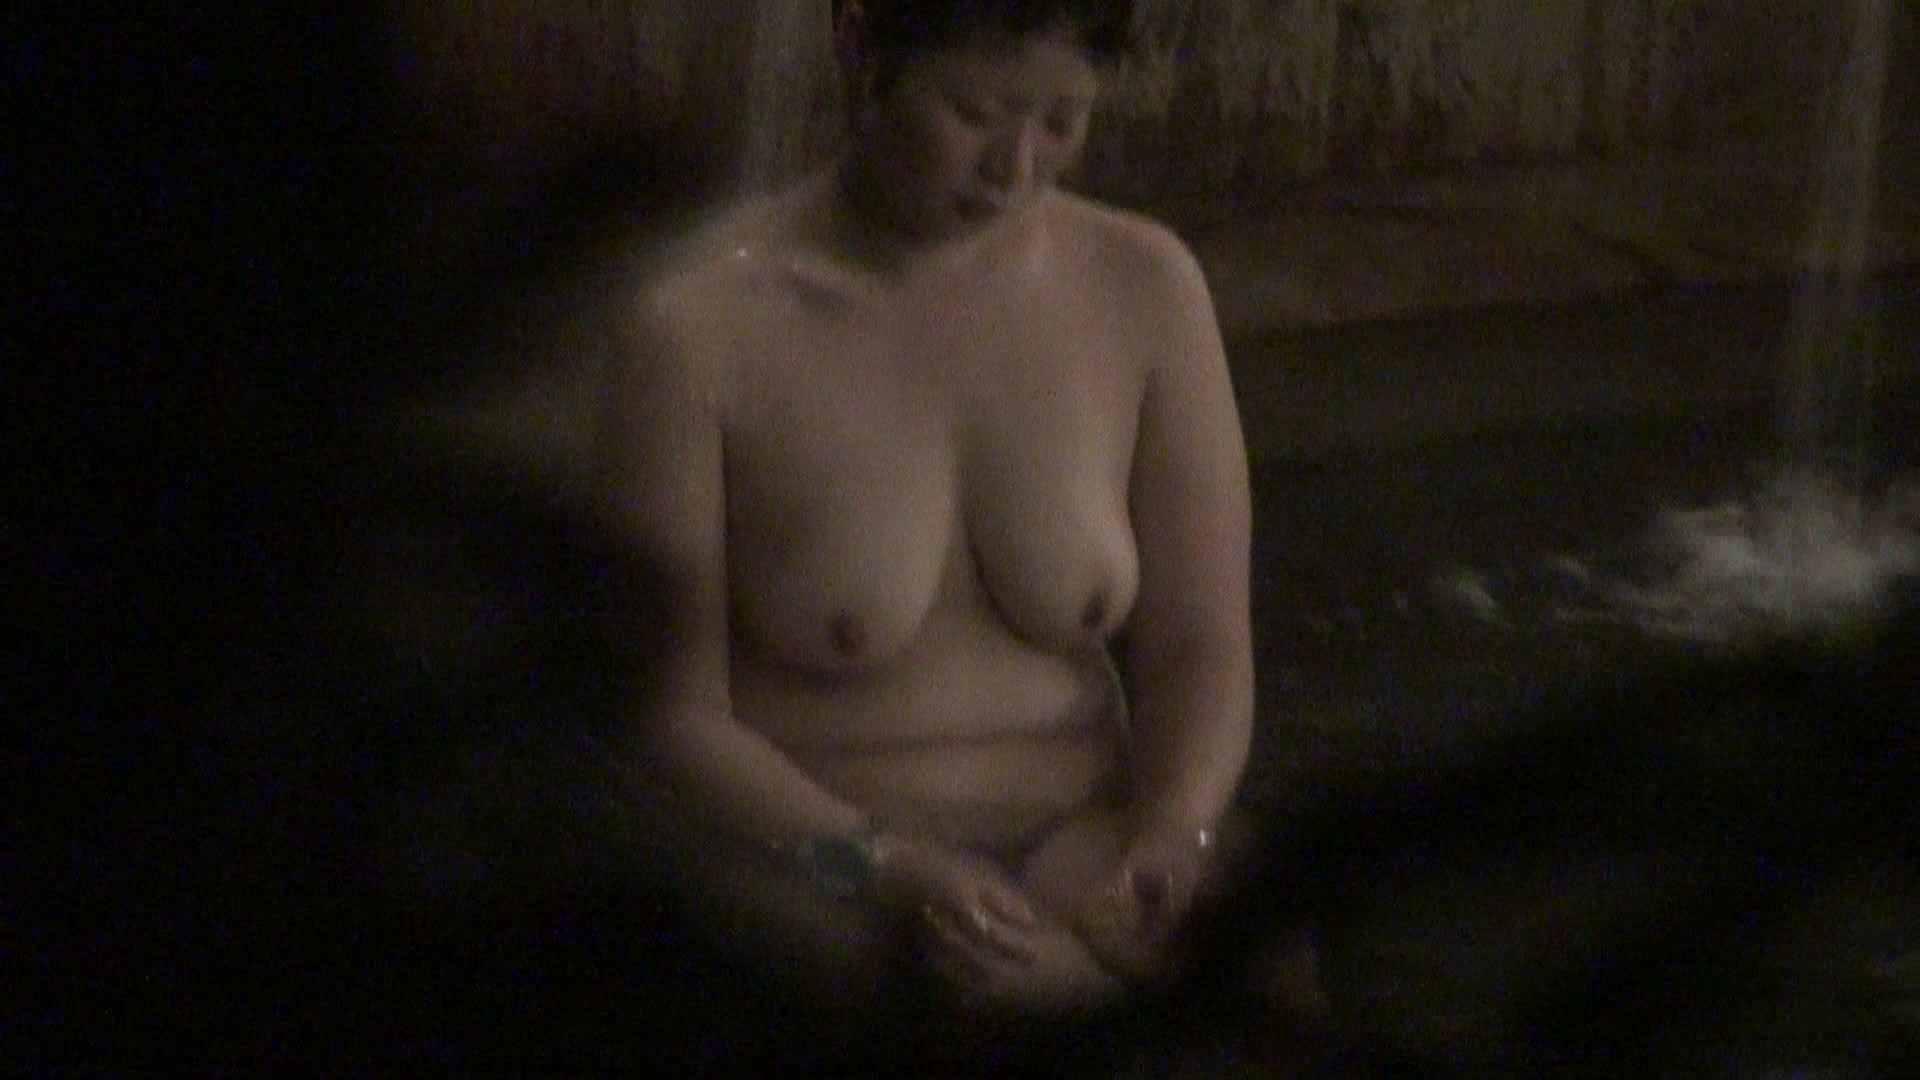 Aquaな露天風呂Vol.377 美しいOLの裸体 盗み撮り動画キャプチャ 105pic 62